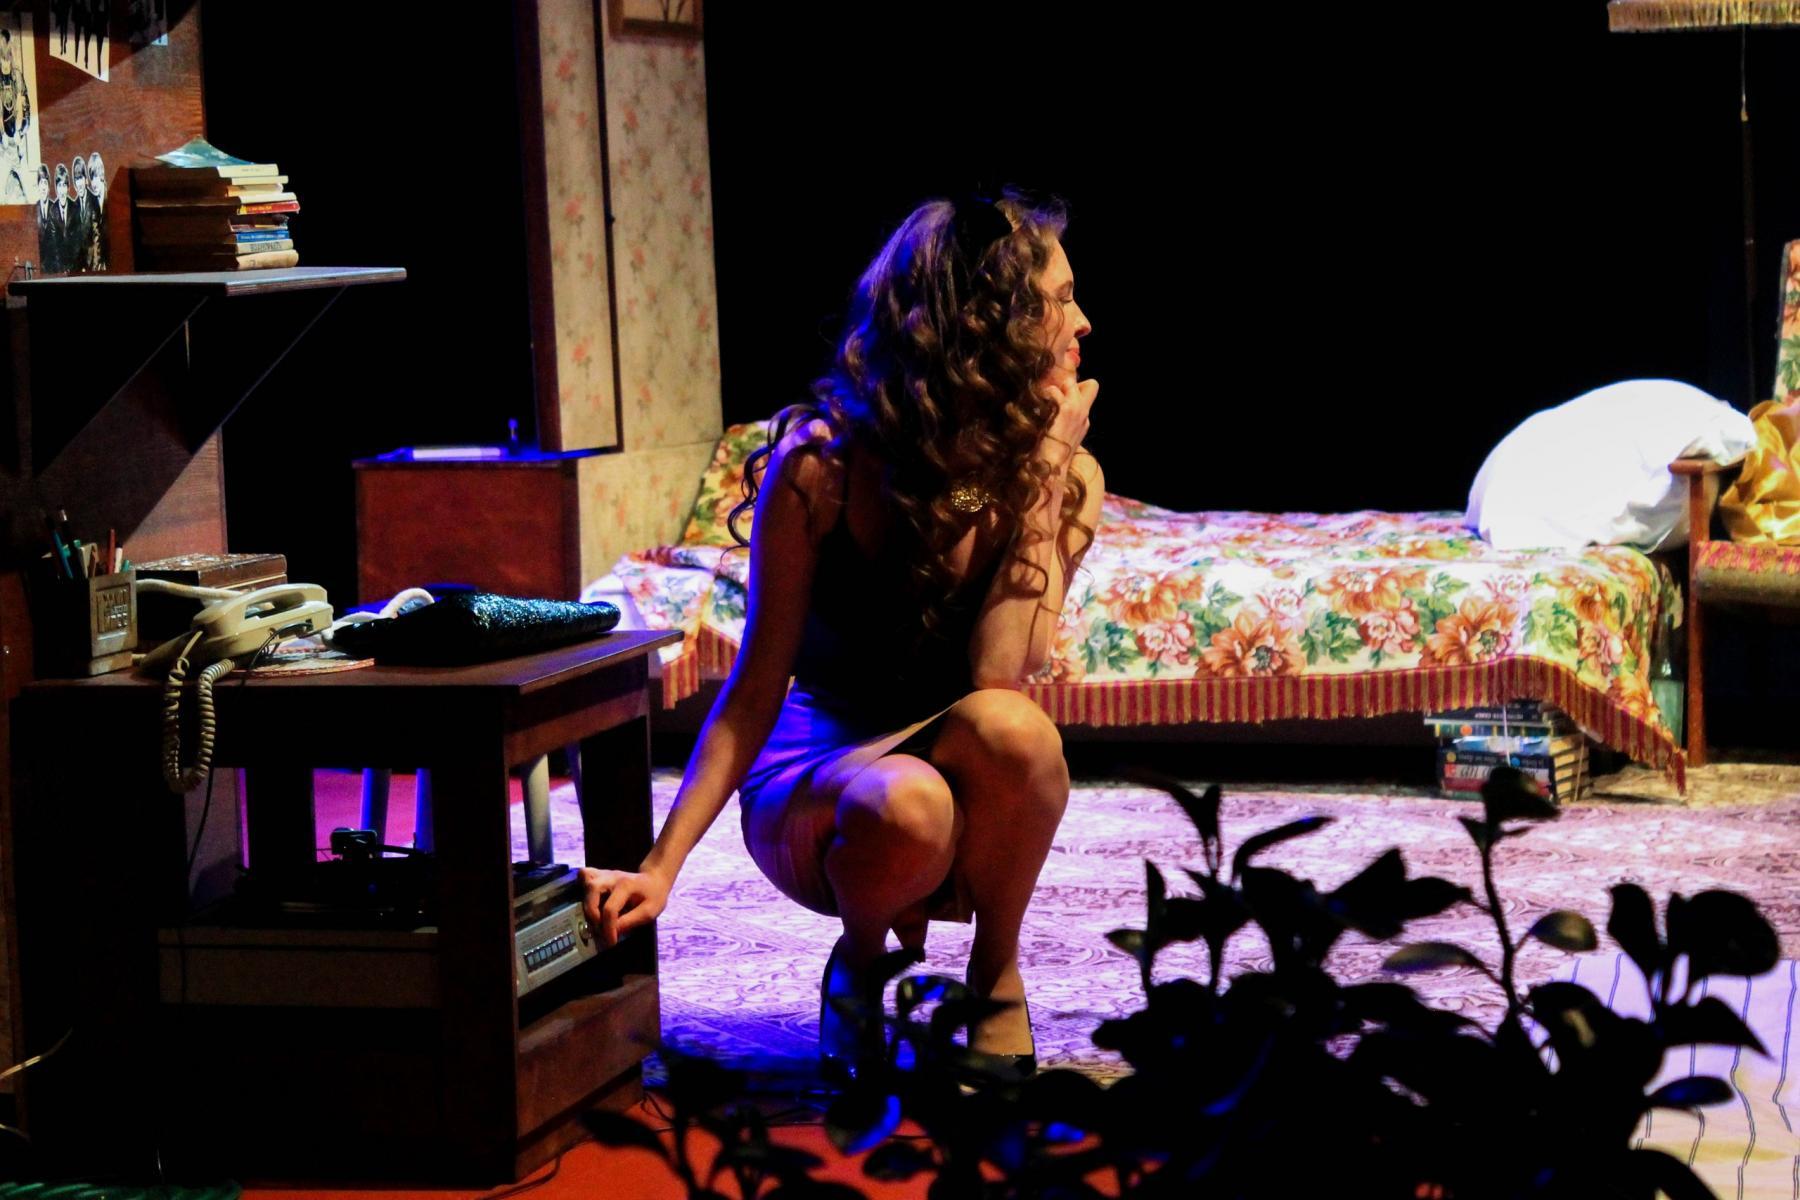 Фото Гудбай, Америка: в новосибирском «Красном факеле» показали спектакль о любви в коммунальной квартире 13